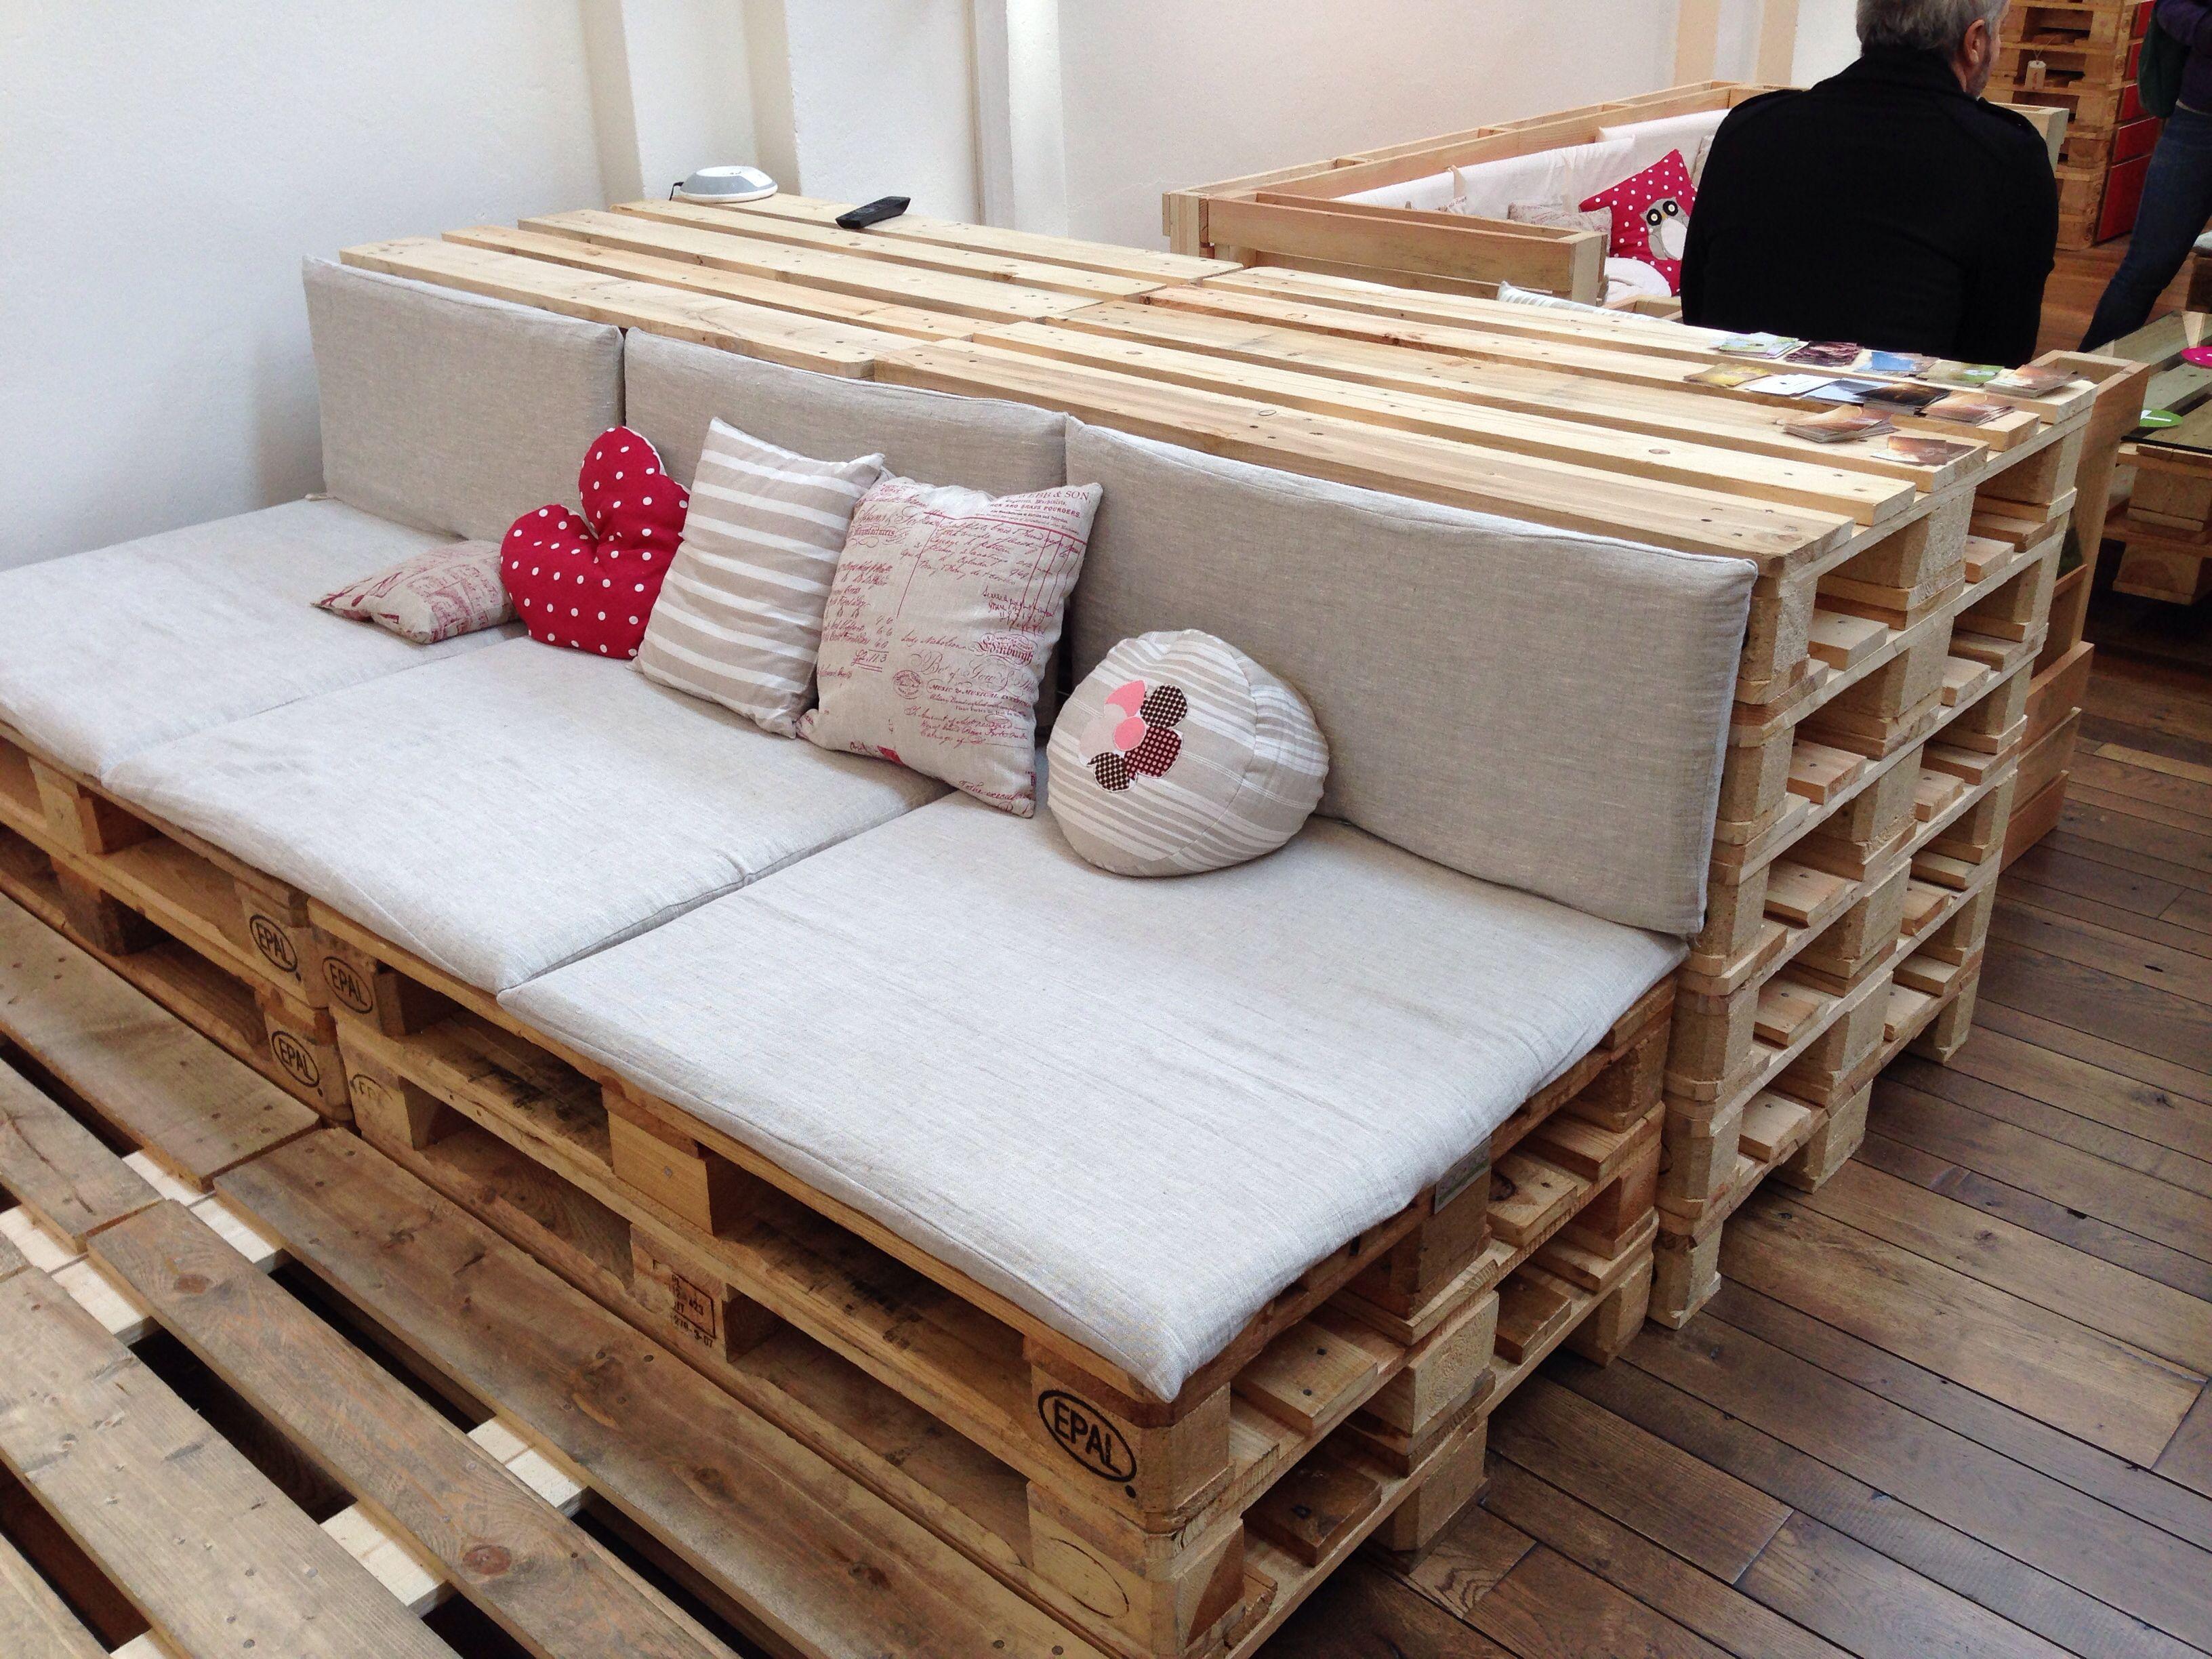 Divano pallet salone e fuori salone milano 2014 divano for Divano in pallet